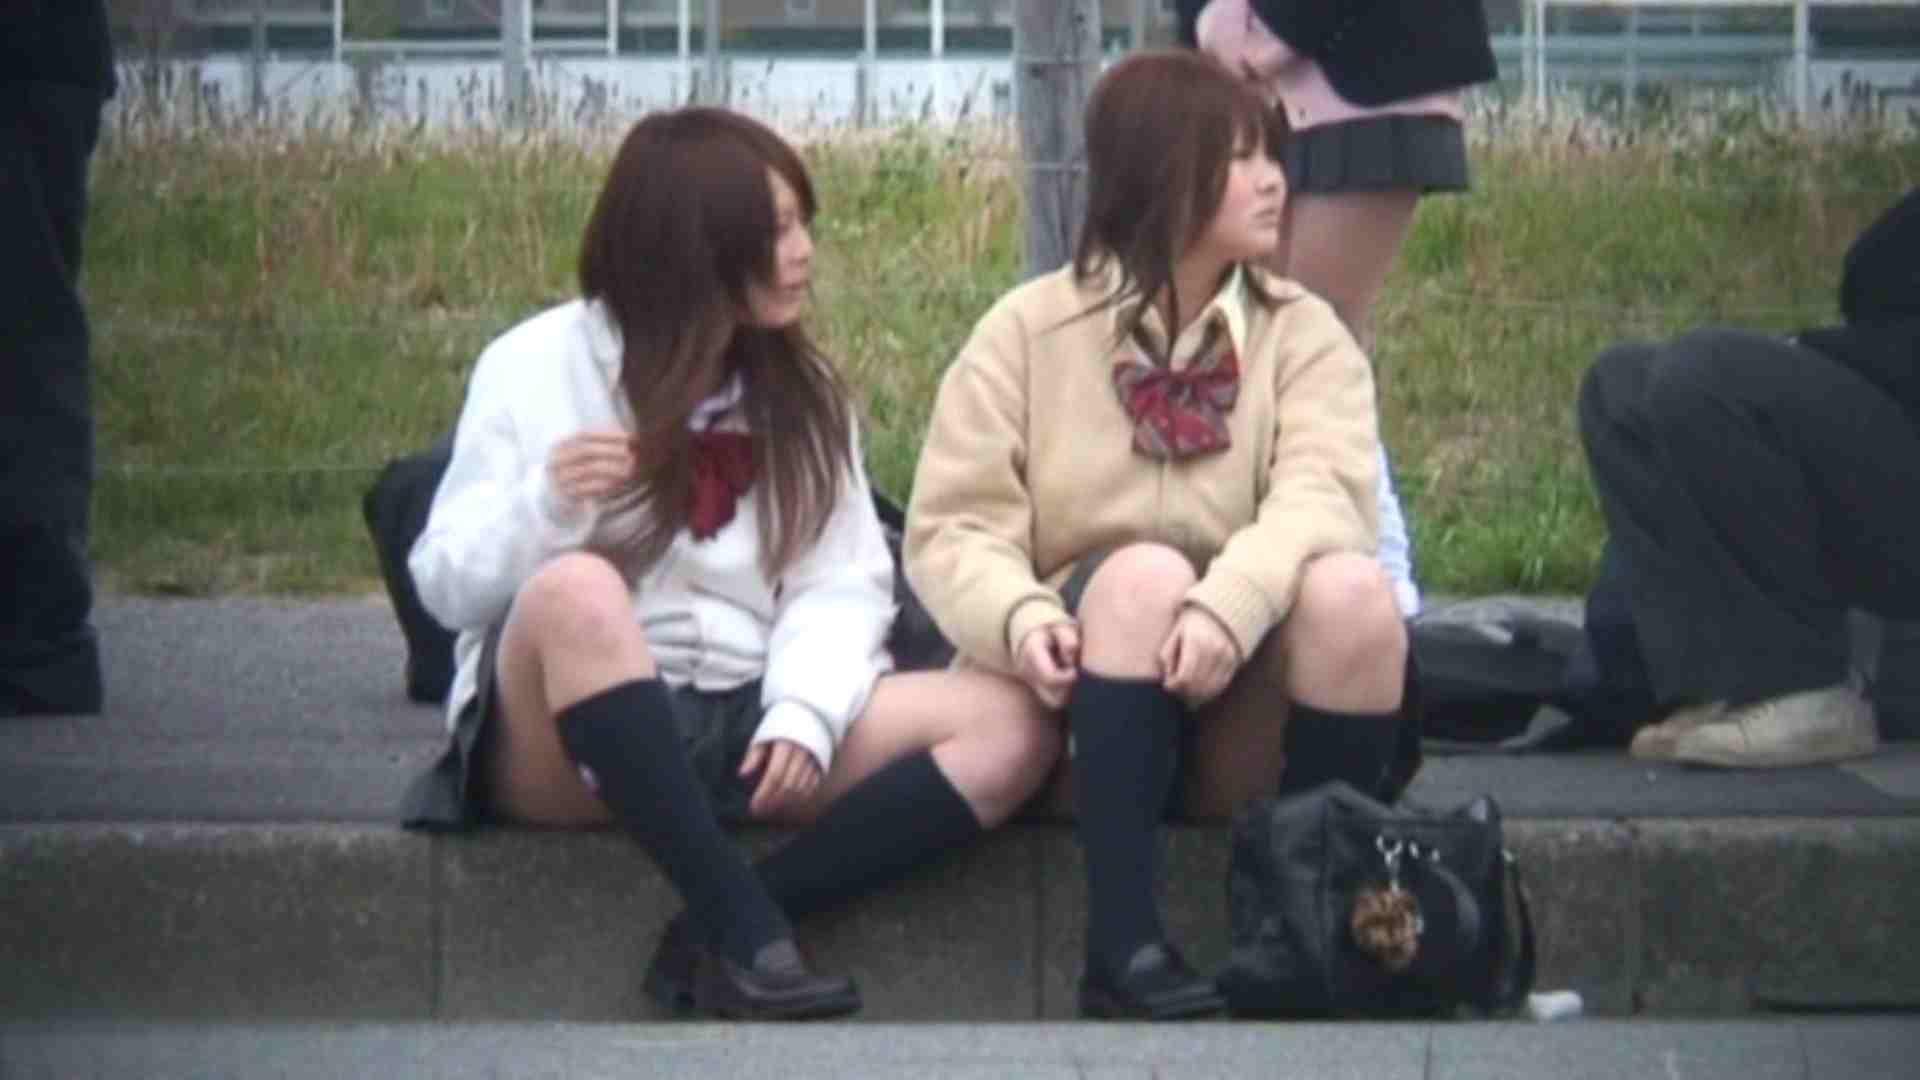 望遠パンチラNo10 学校潜伏 盗撮われめAV動画紹介 97pic 94